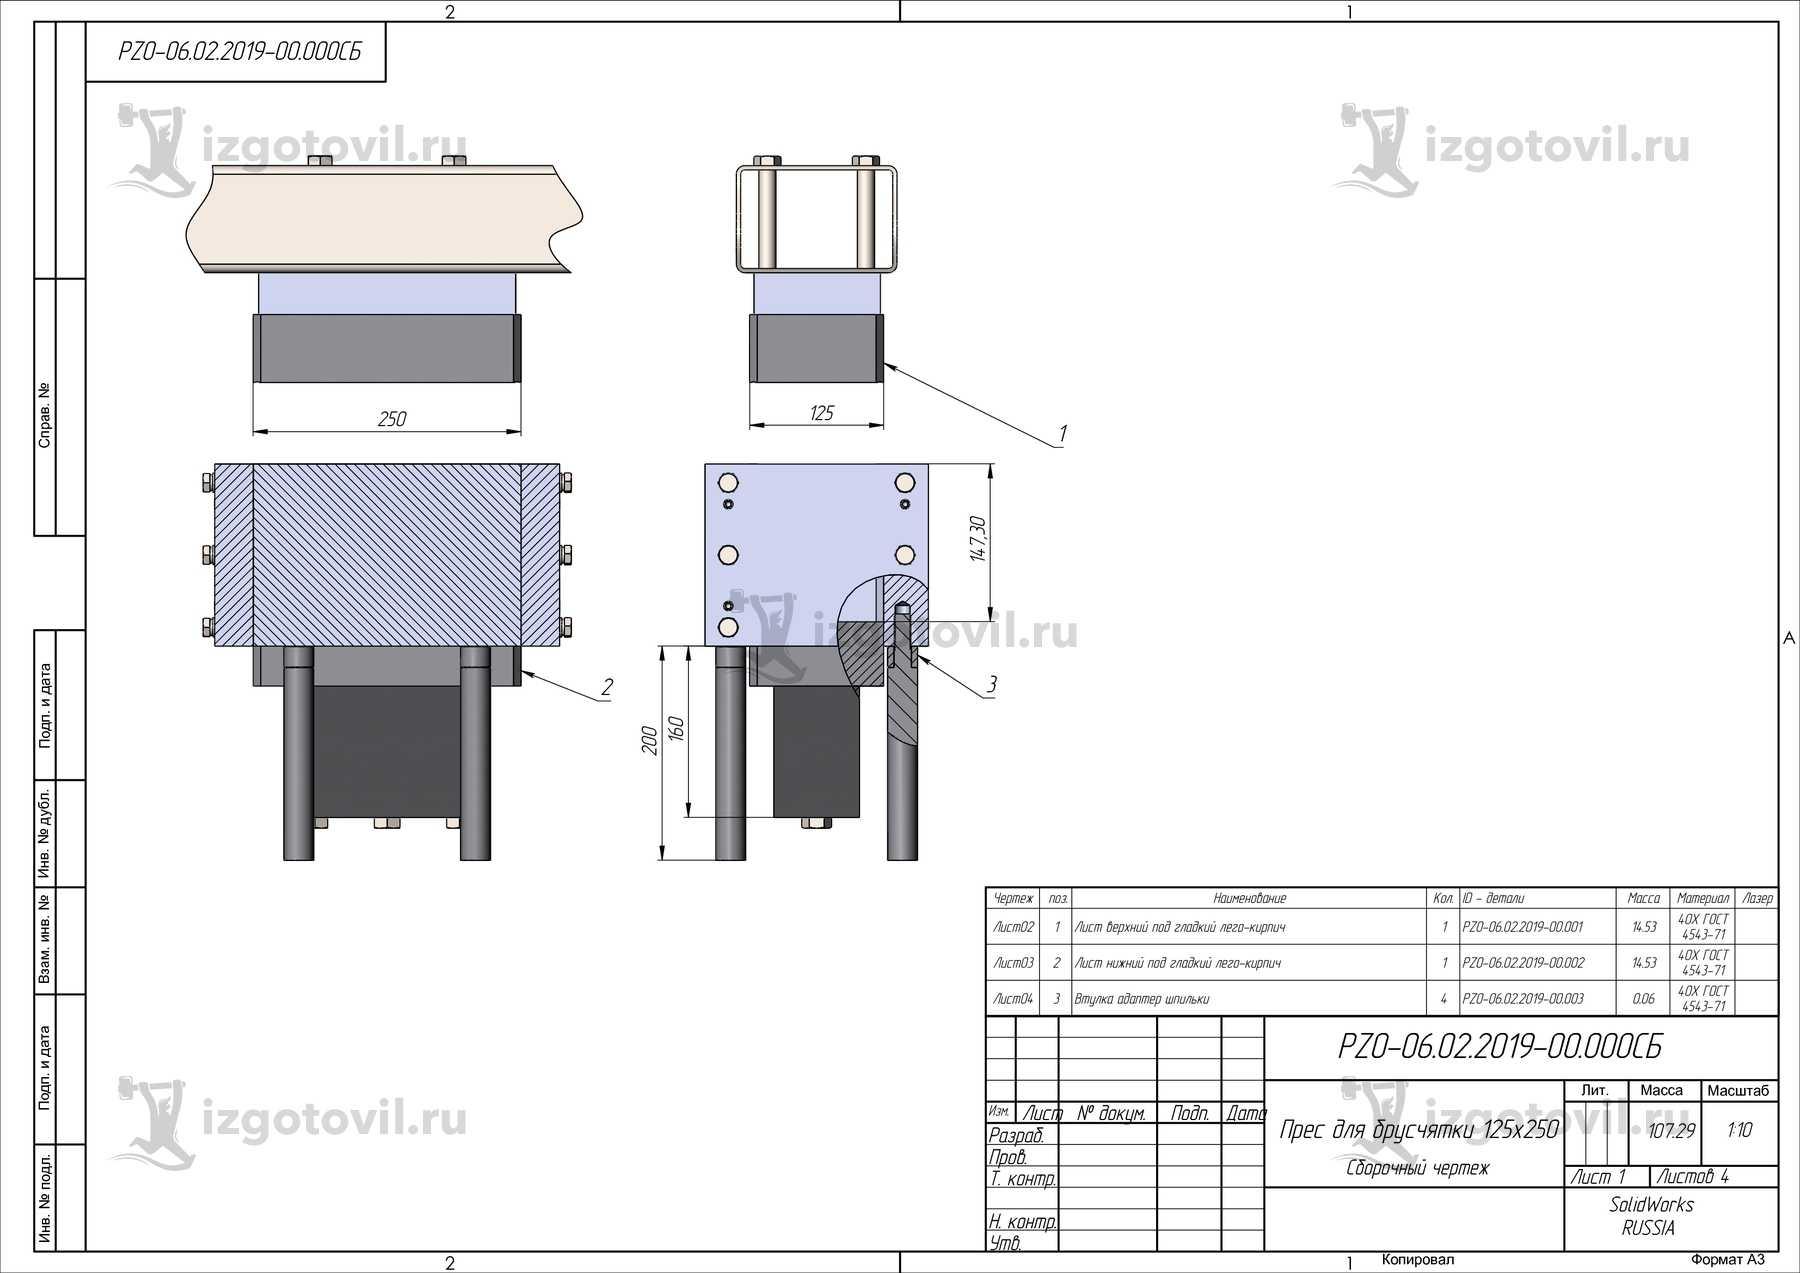 Пресс формы штампы (пресс для лего кирпича).